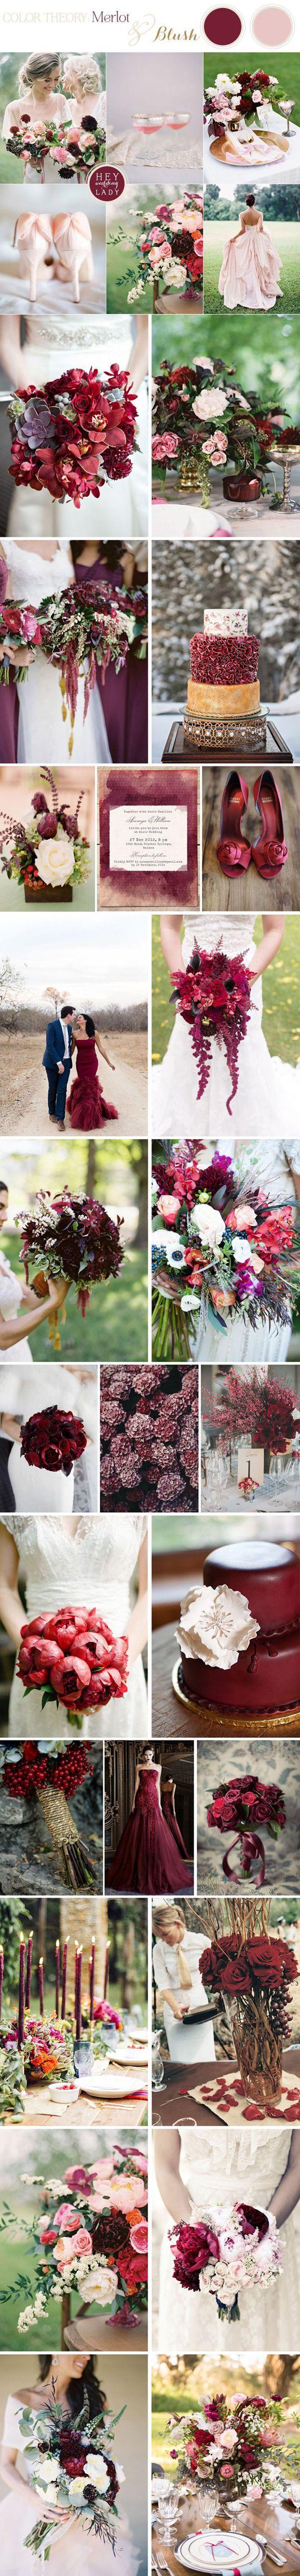 Gallery pantone color of 2015 marsala wedding color ideas Deer Pearl Flowers